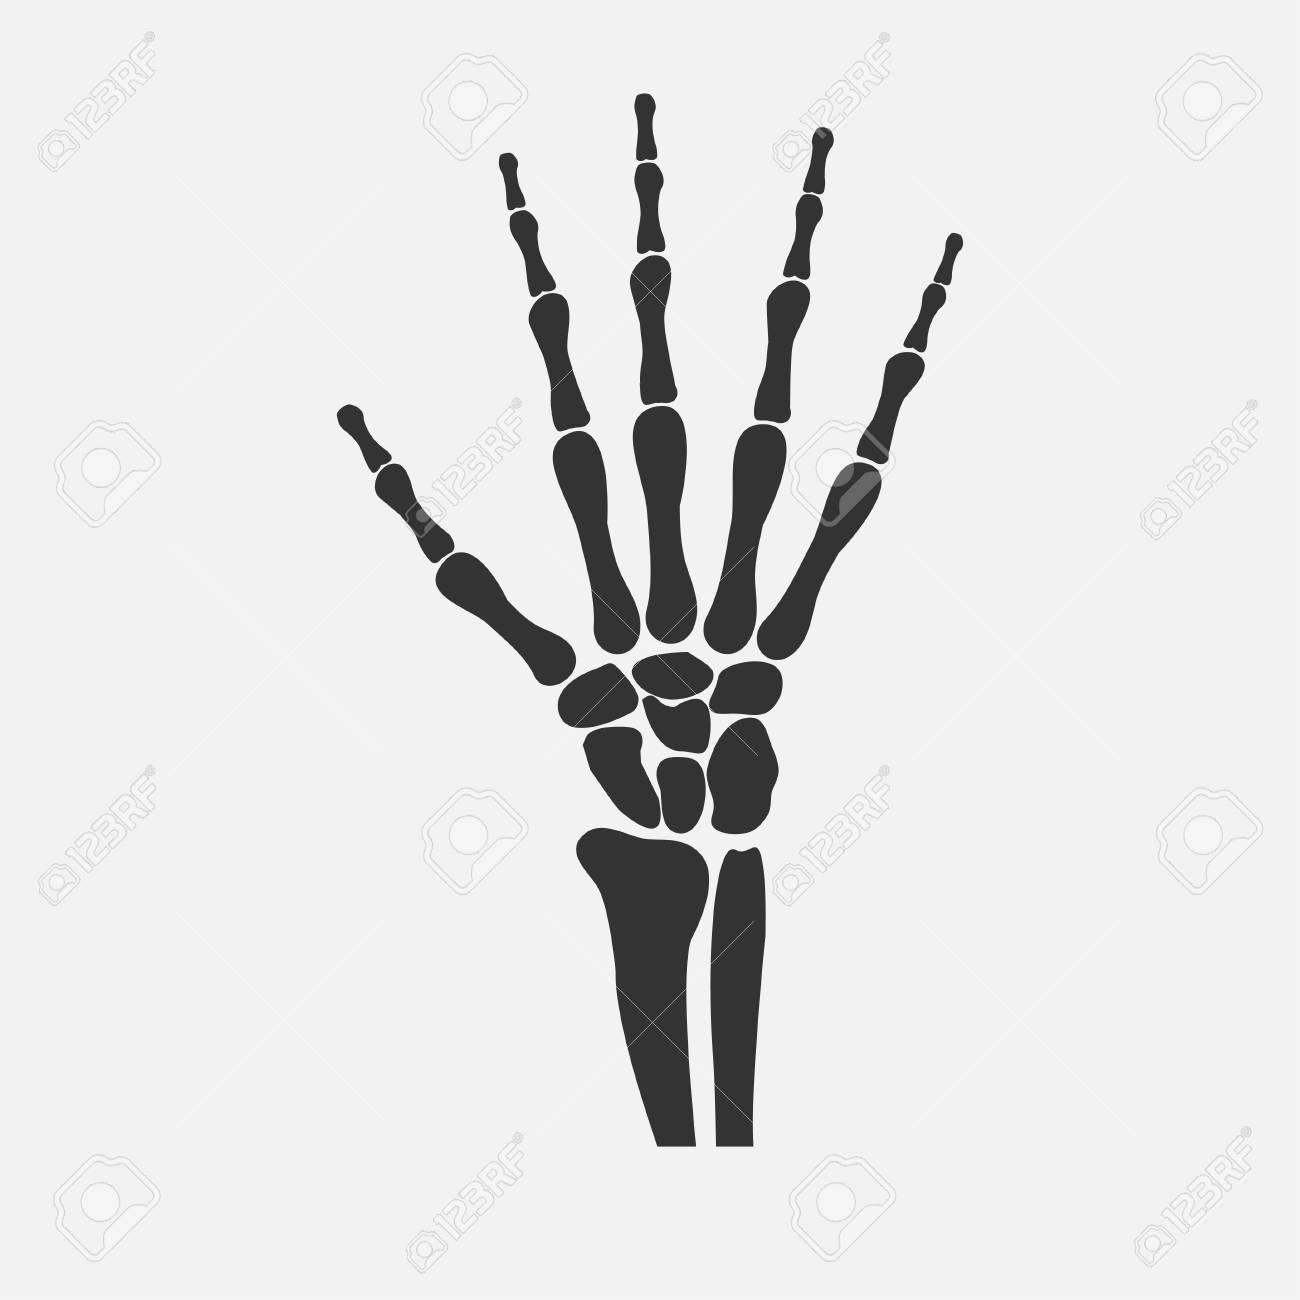 knochen handgelenk